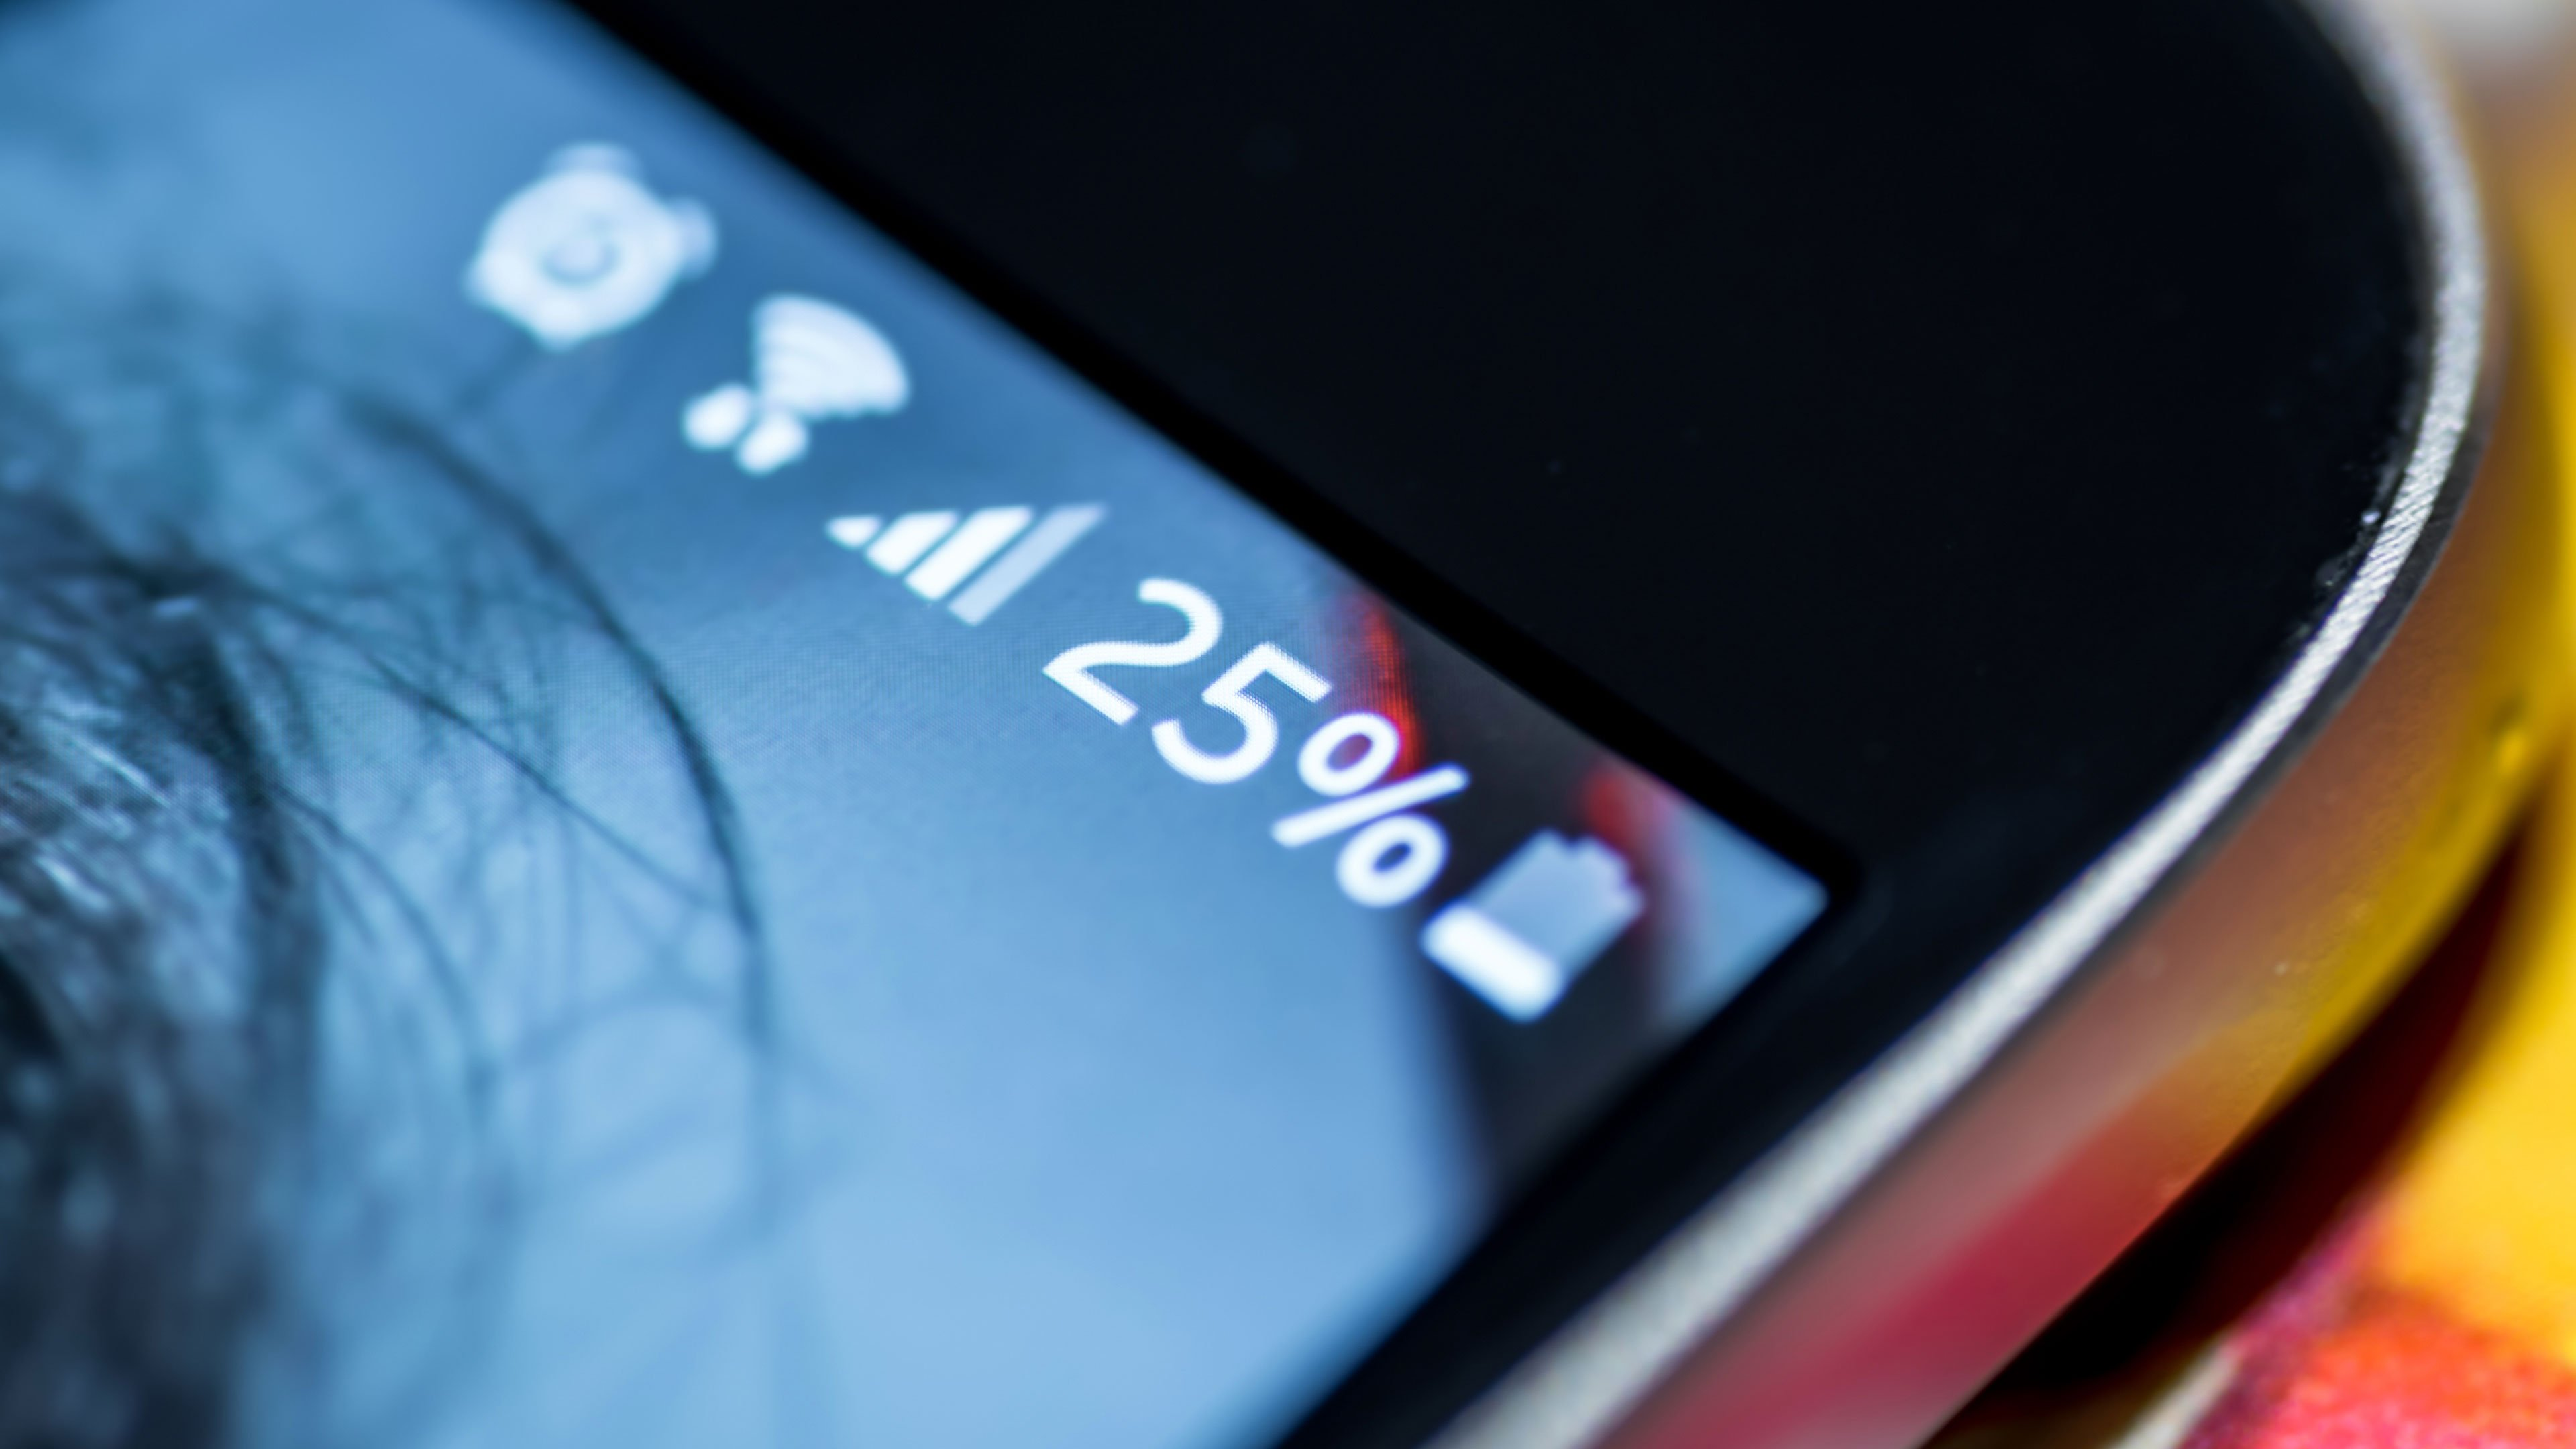 Facebook nao carrega android